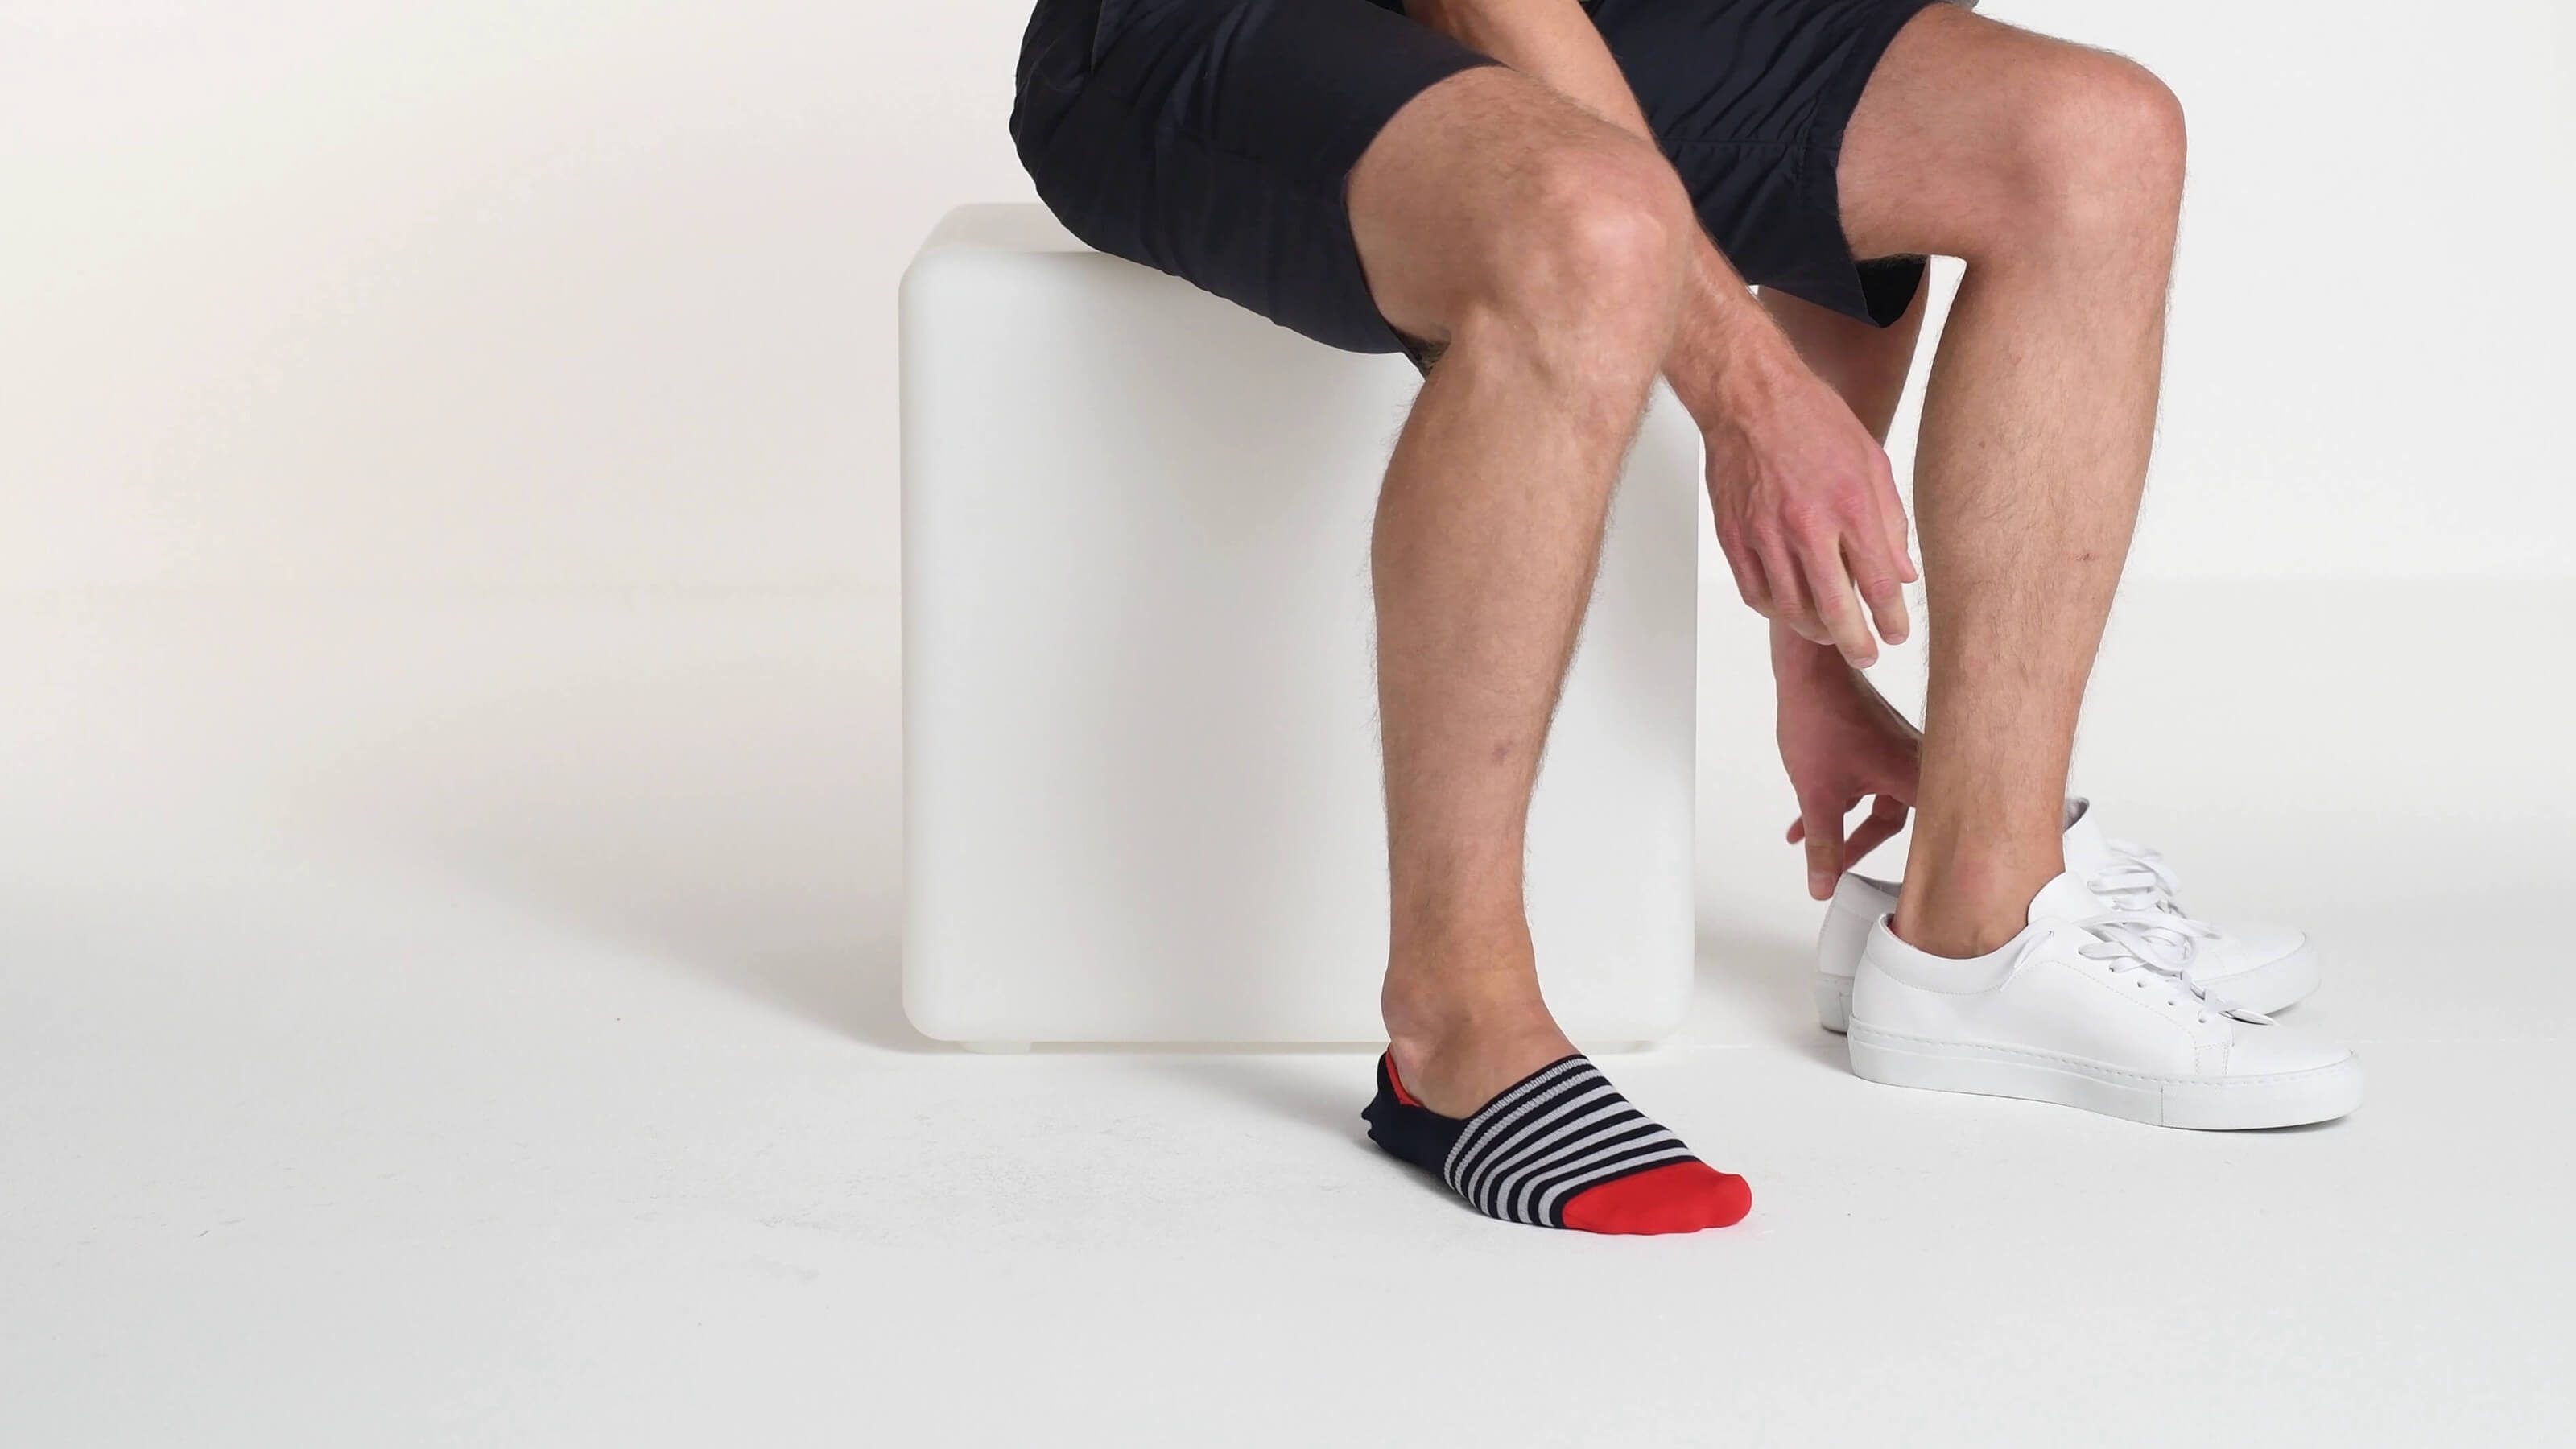 2019 professionell Farben und auffällig San Francisco Invisible Socks in Navy : Mit stilgerechten Streifen